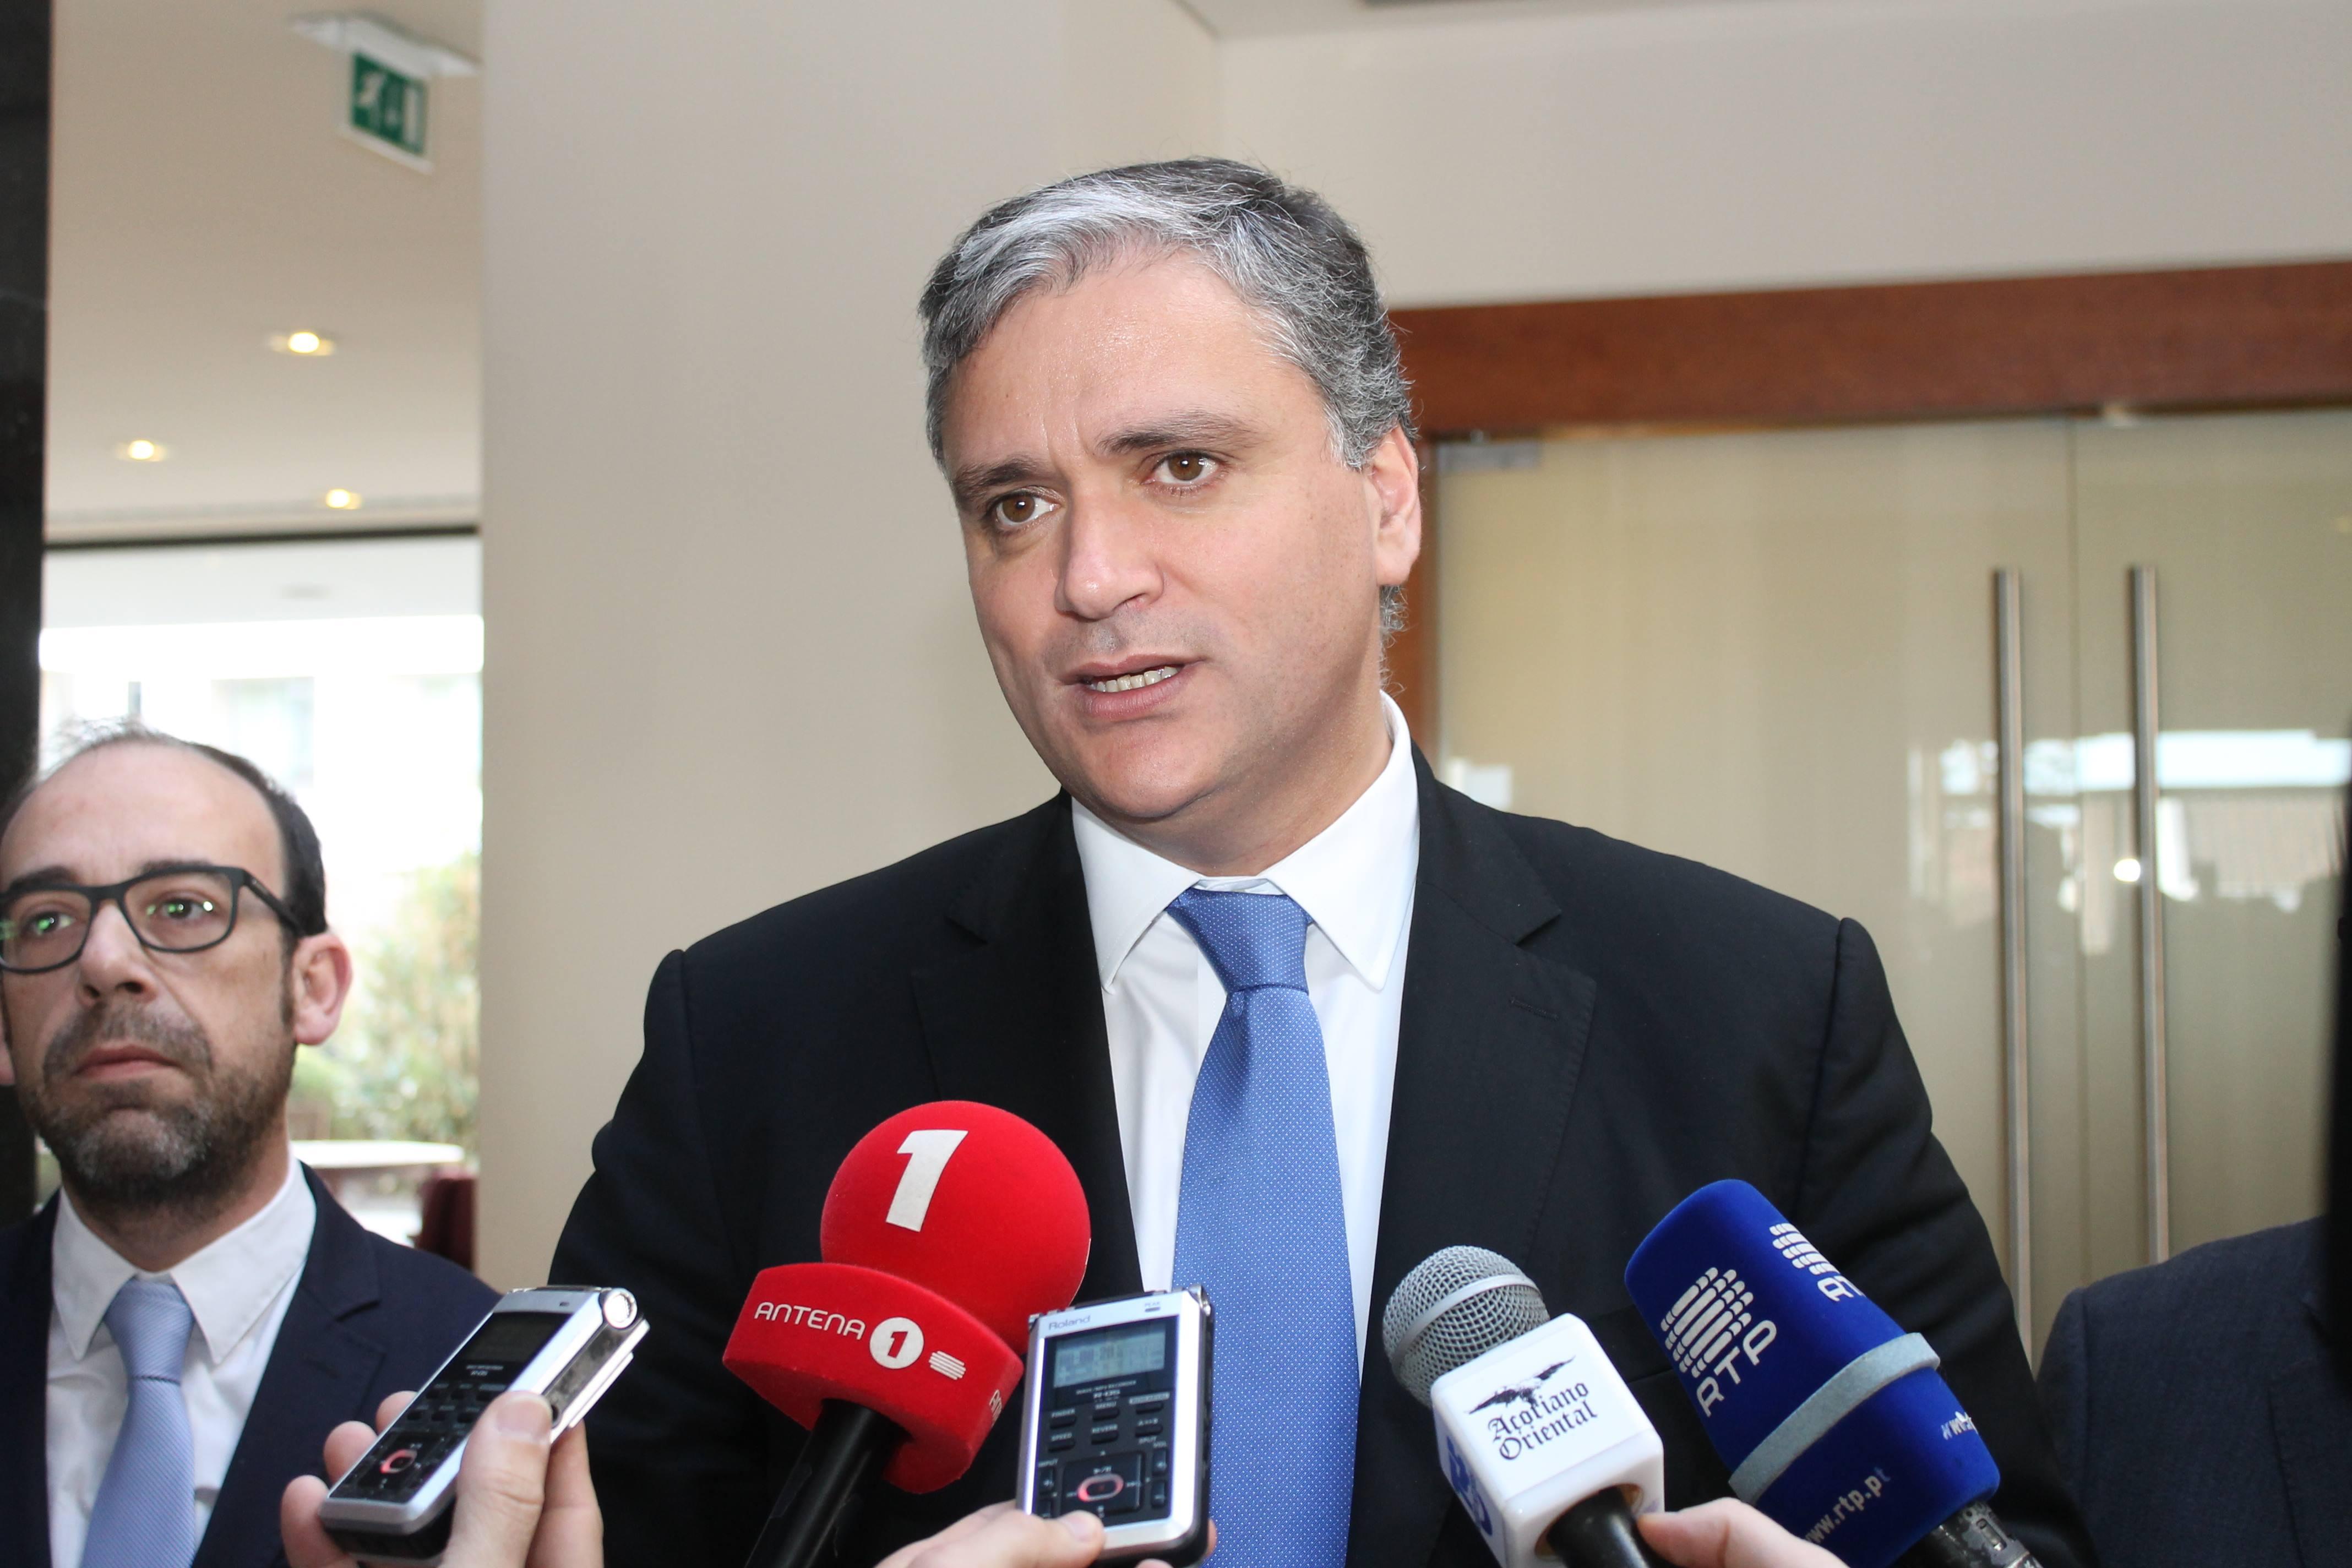 PS/Açores promove debate da reforma da Autonomia na sociedade açoriana